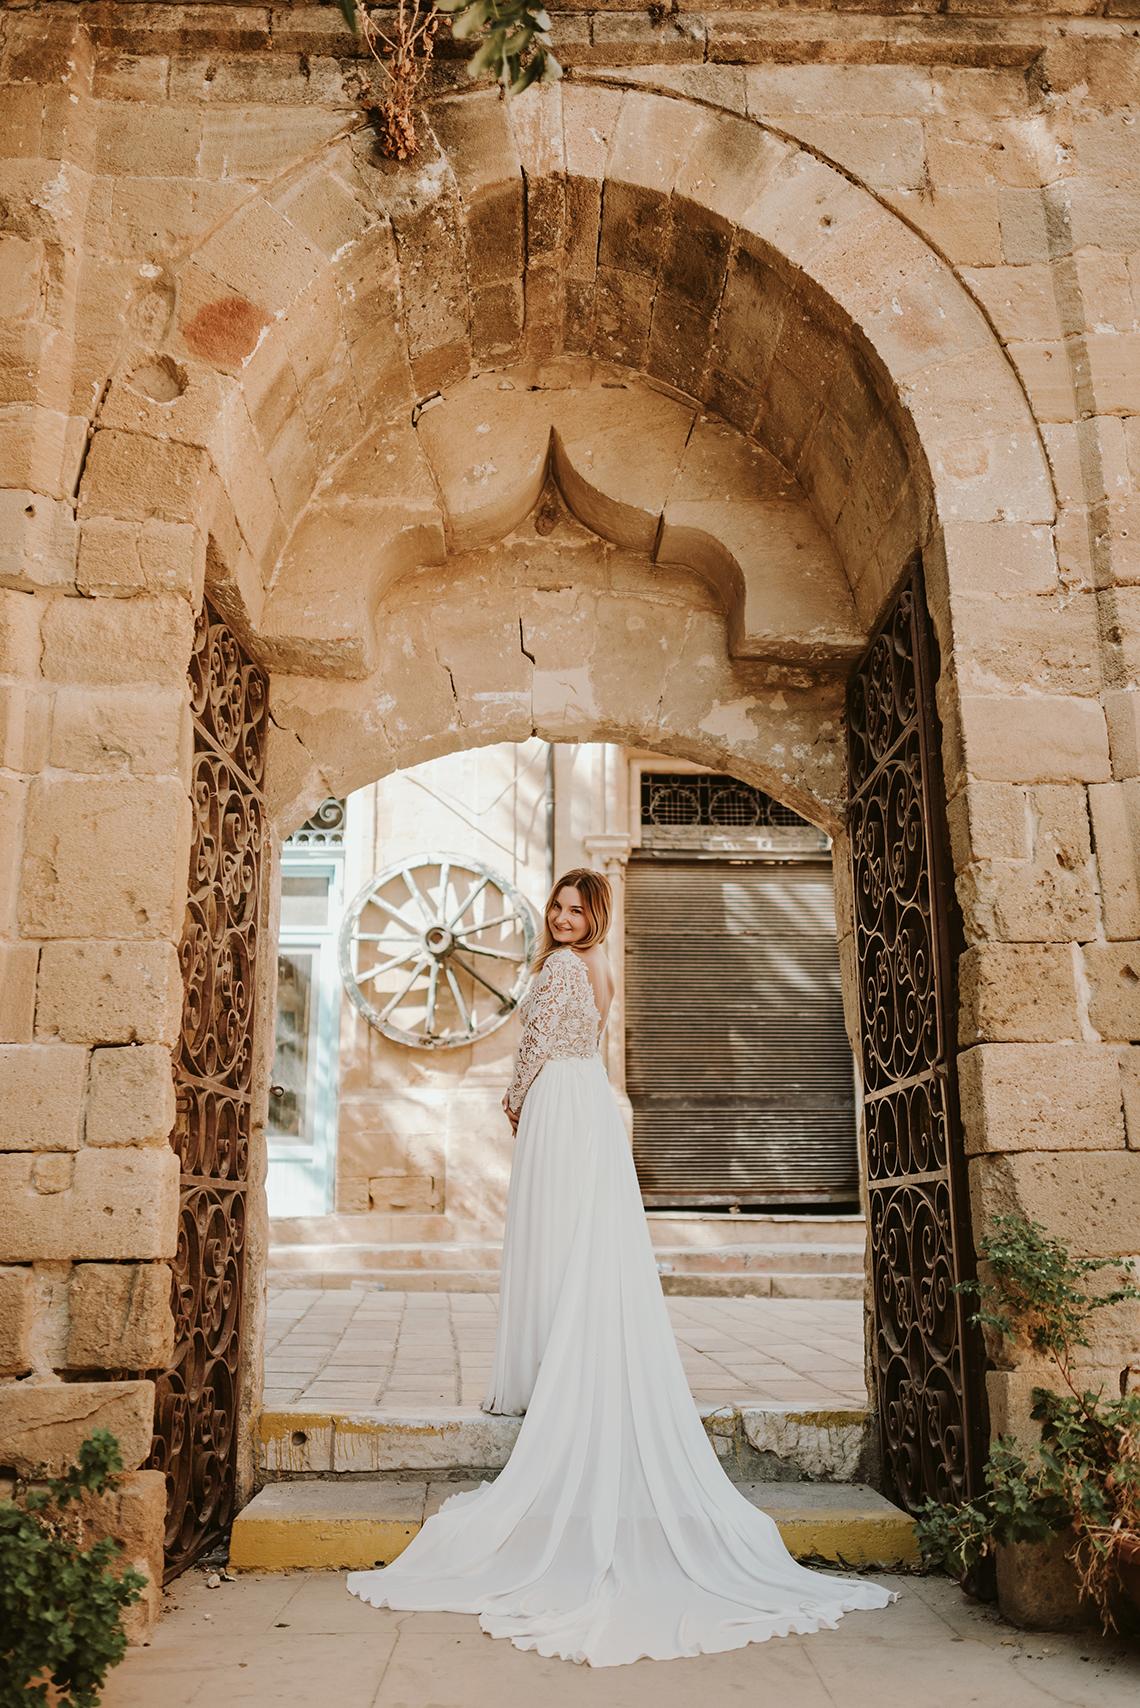 Plenerowa sesja ślubna na Cyprze o wschodzie i zachodzie słońca - w roli głównej Luiza i Bartek 76